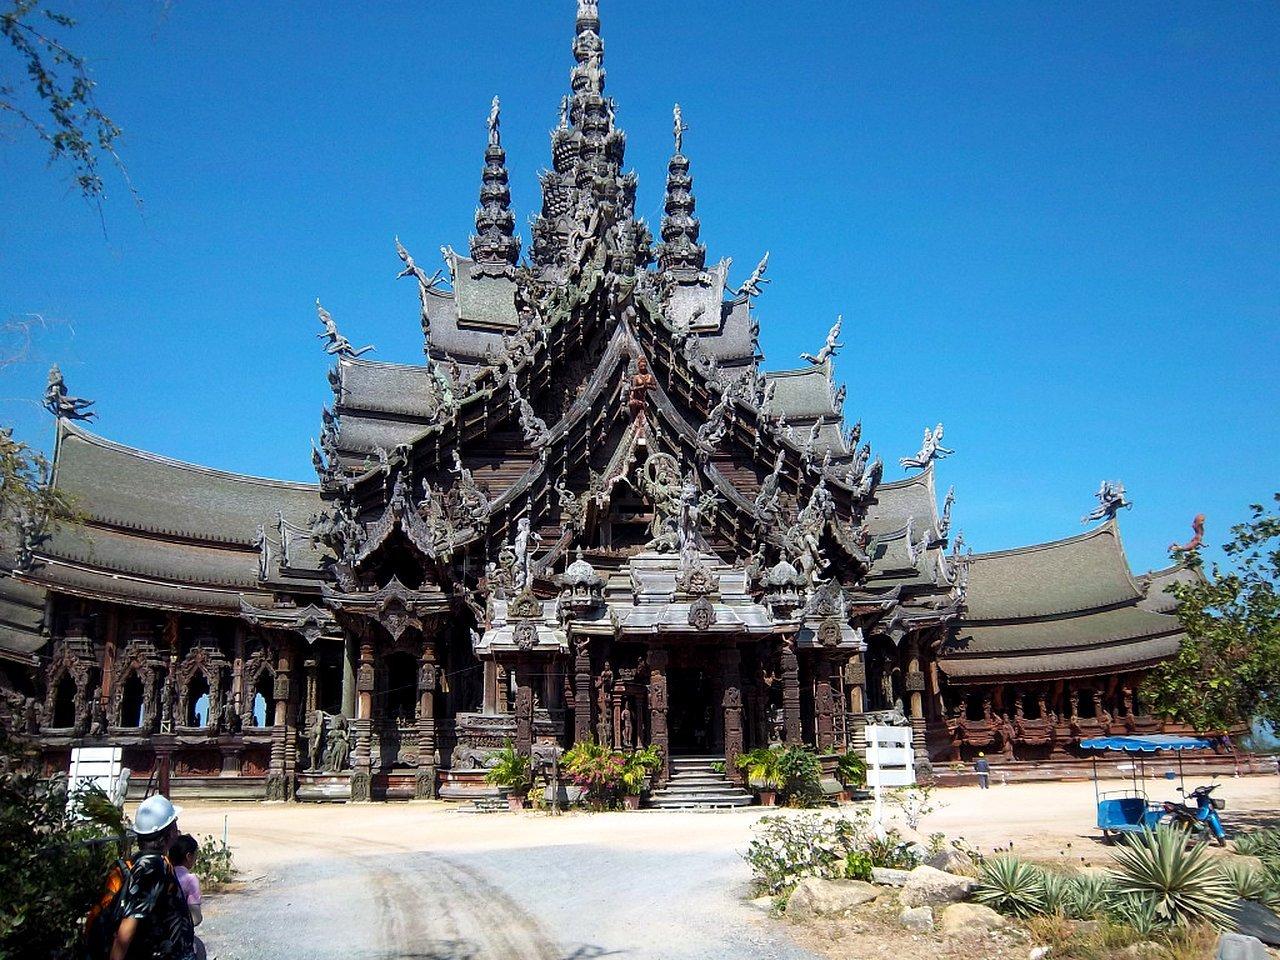 Храм Истины в Паттайе - самый большой деревянный храм в мире